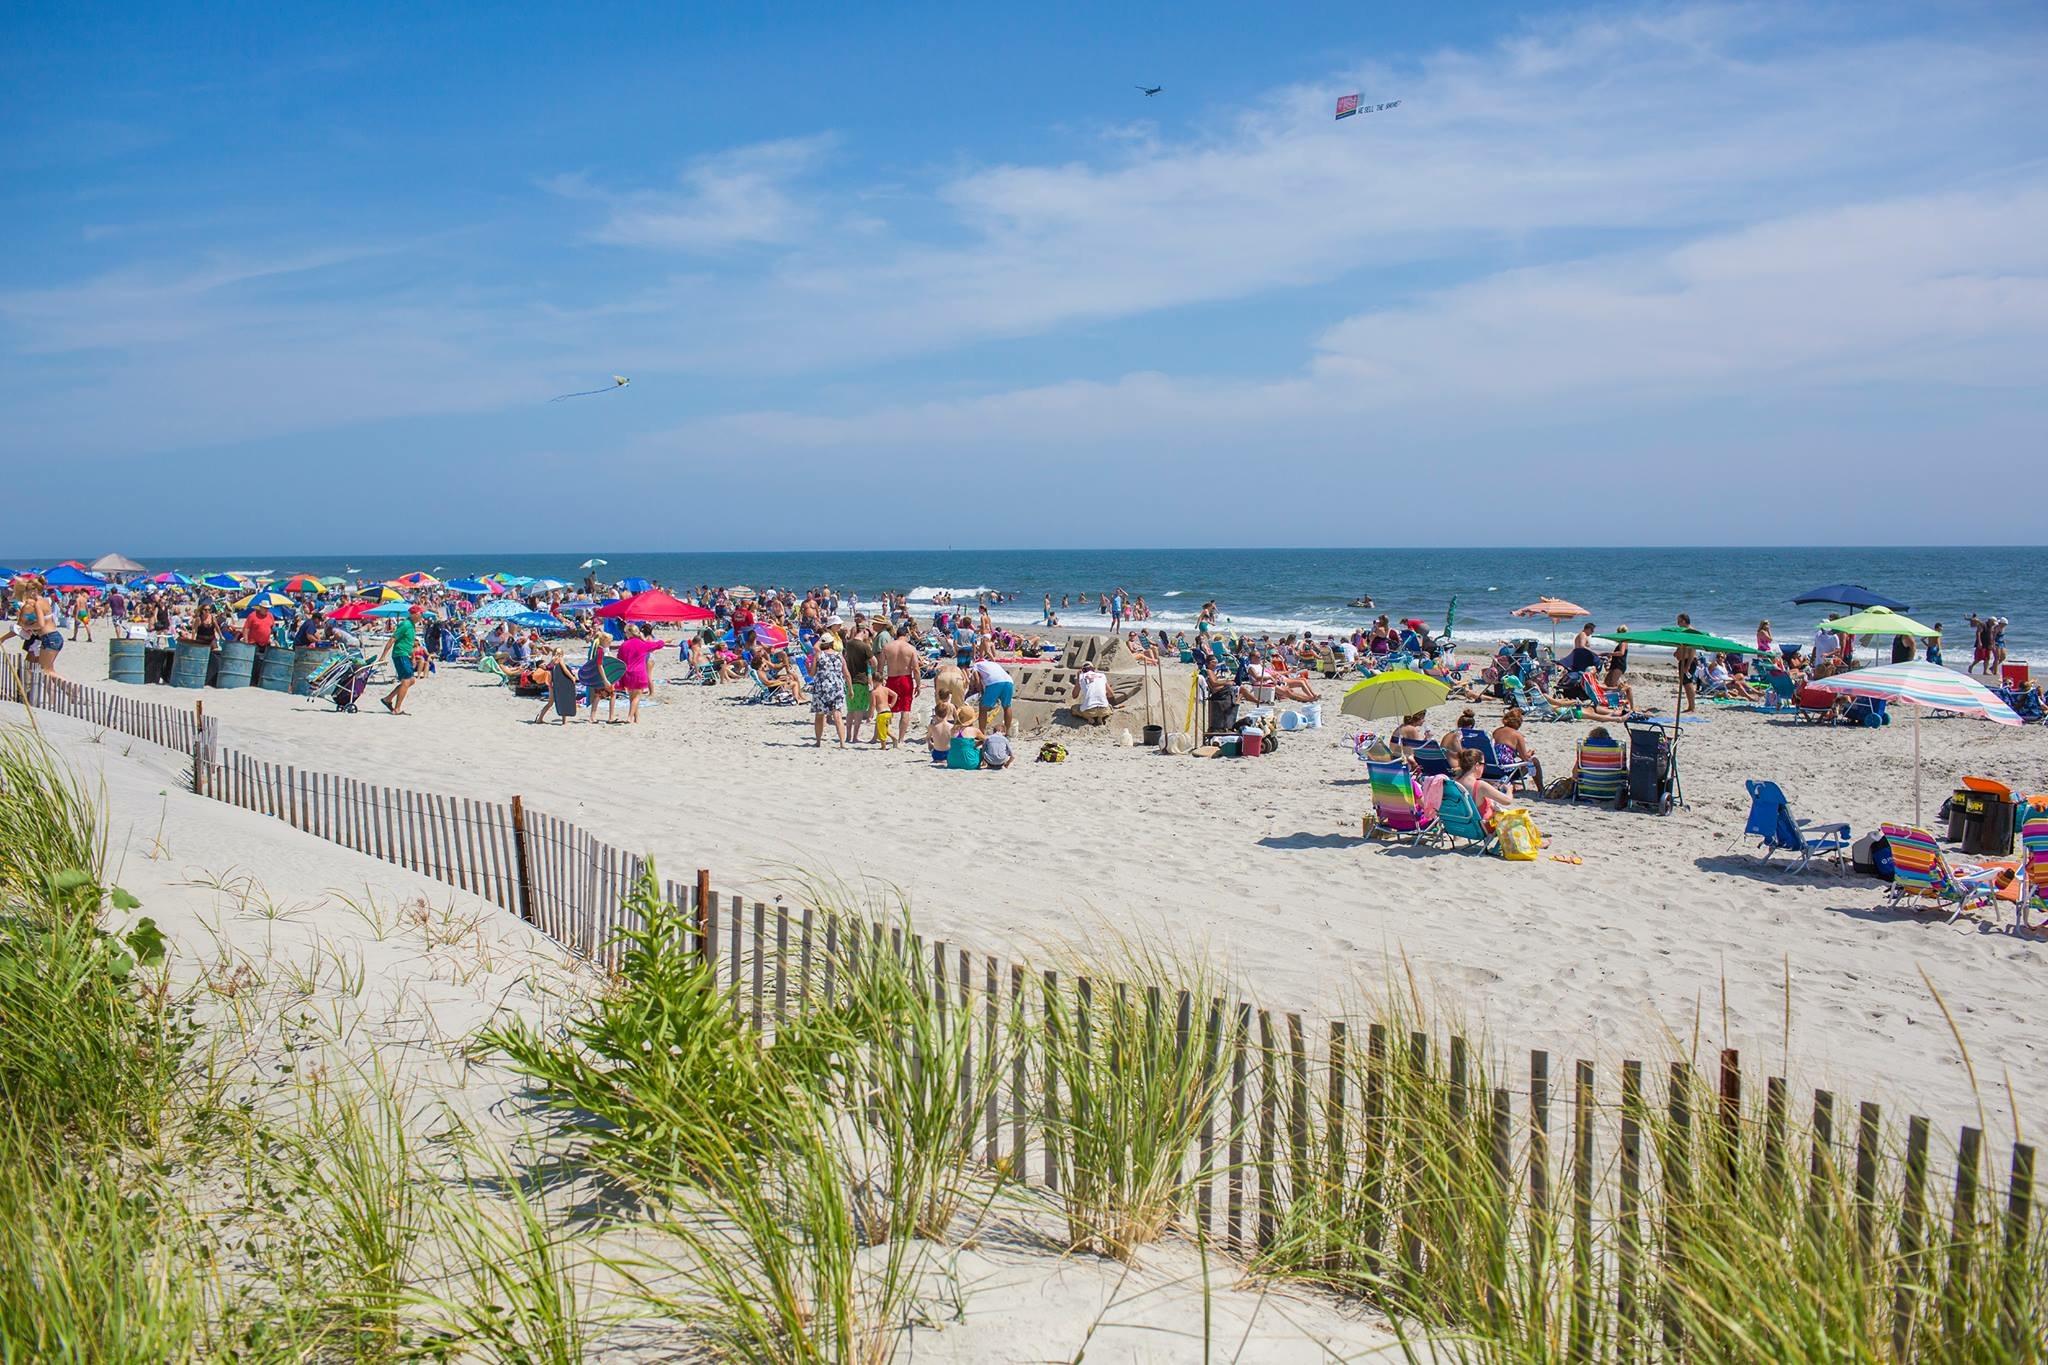 SIC beaches